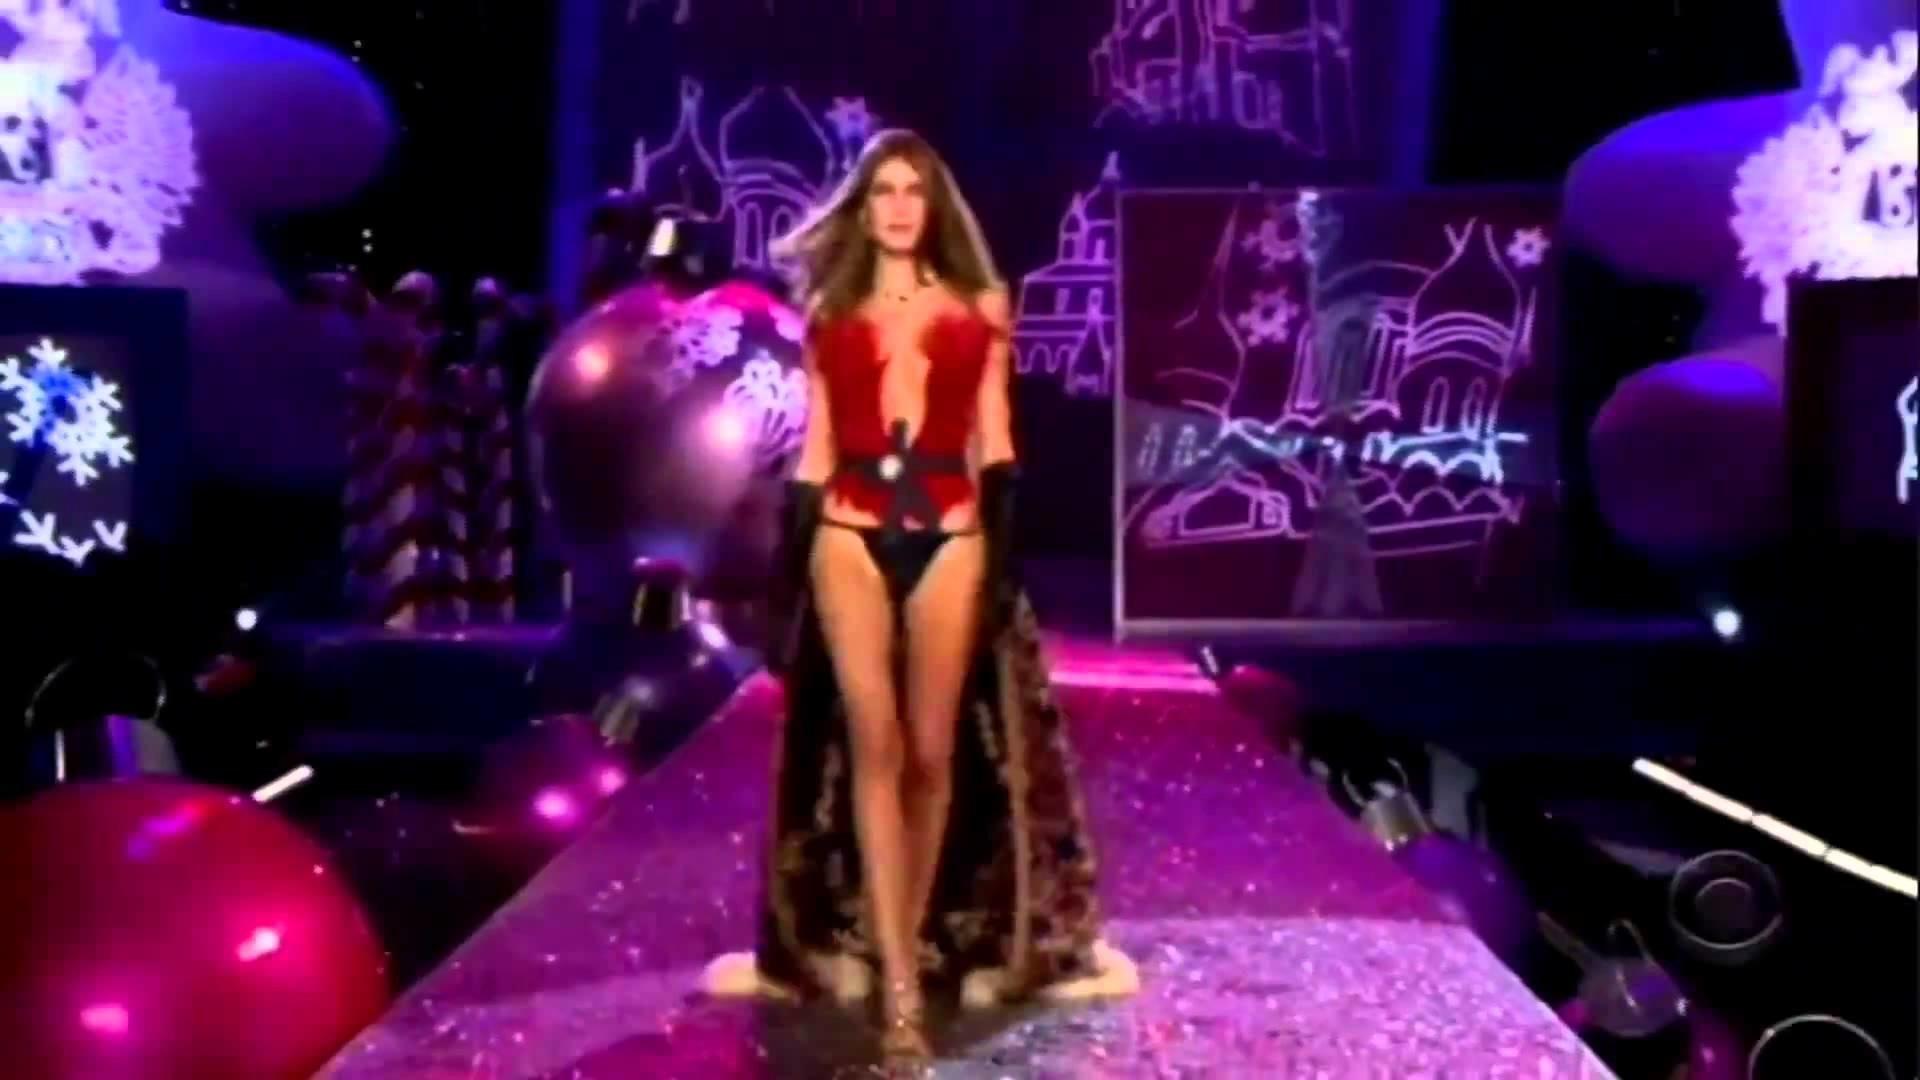 DJ Tiesto – Love Comes Again (Victoria's Secret) (1080p HD)